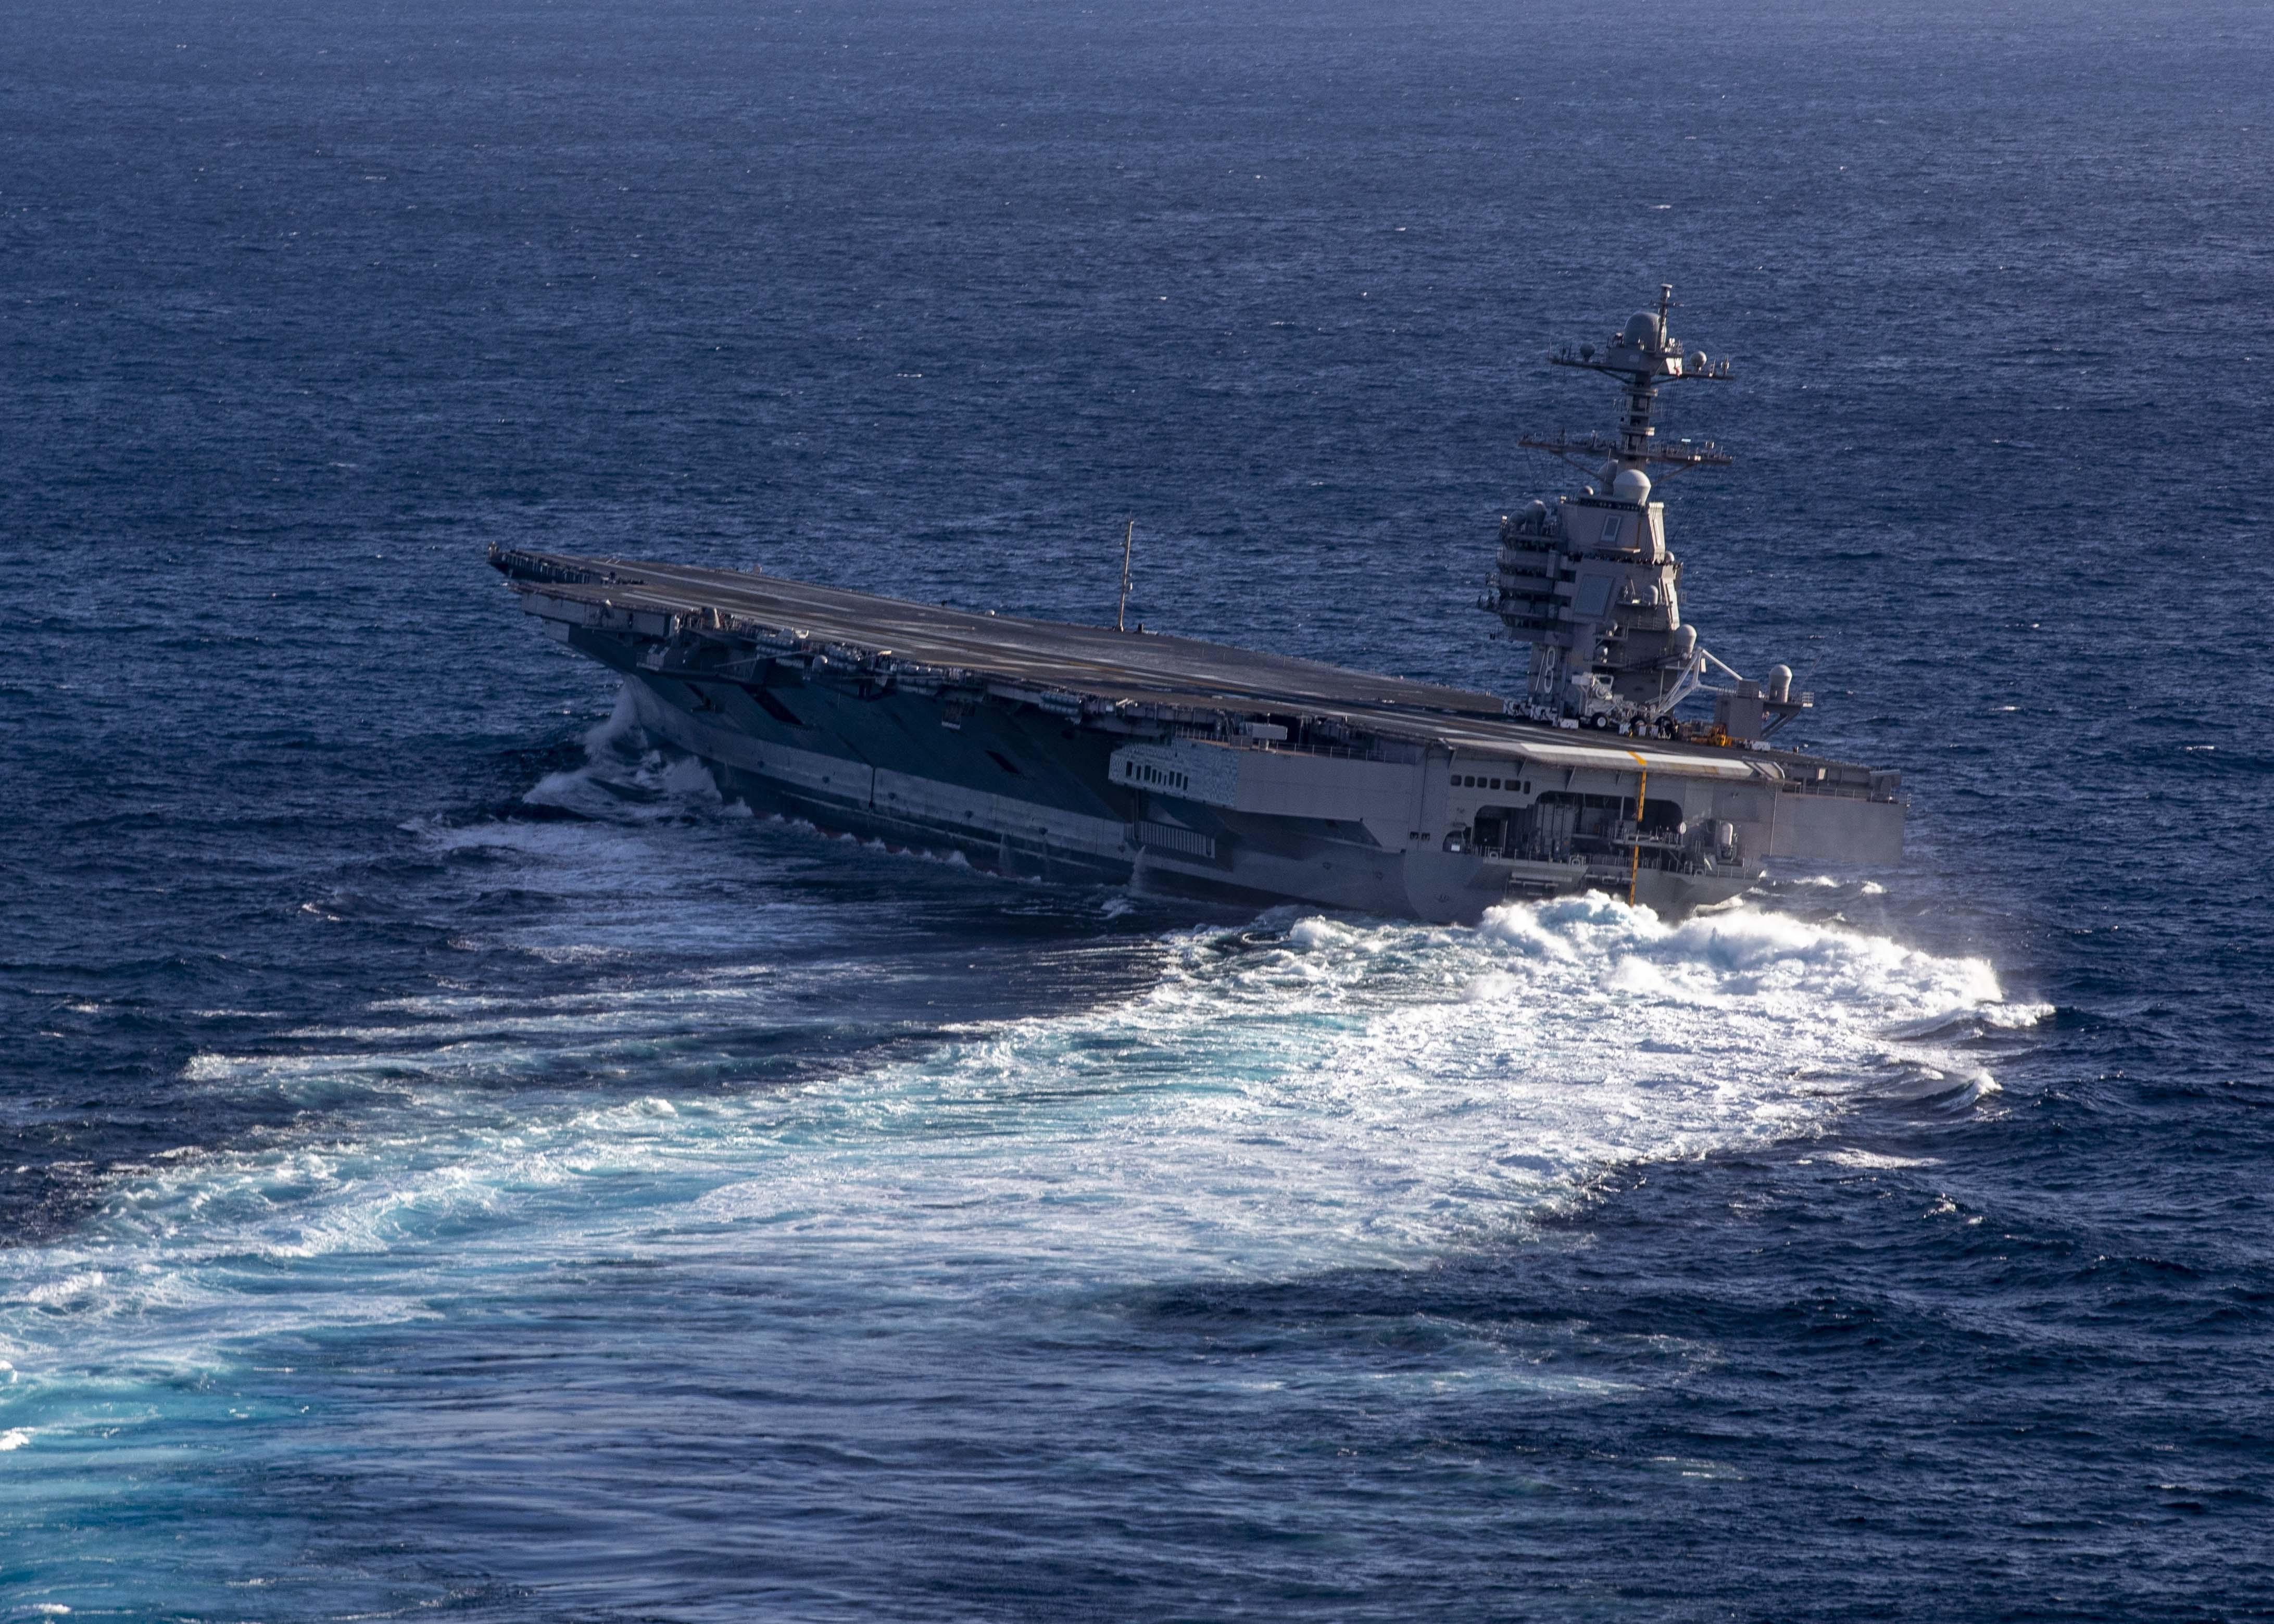 """美国新航母玩起""""蛇形走位"""" 船身大幅倾斜看着好险"""